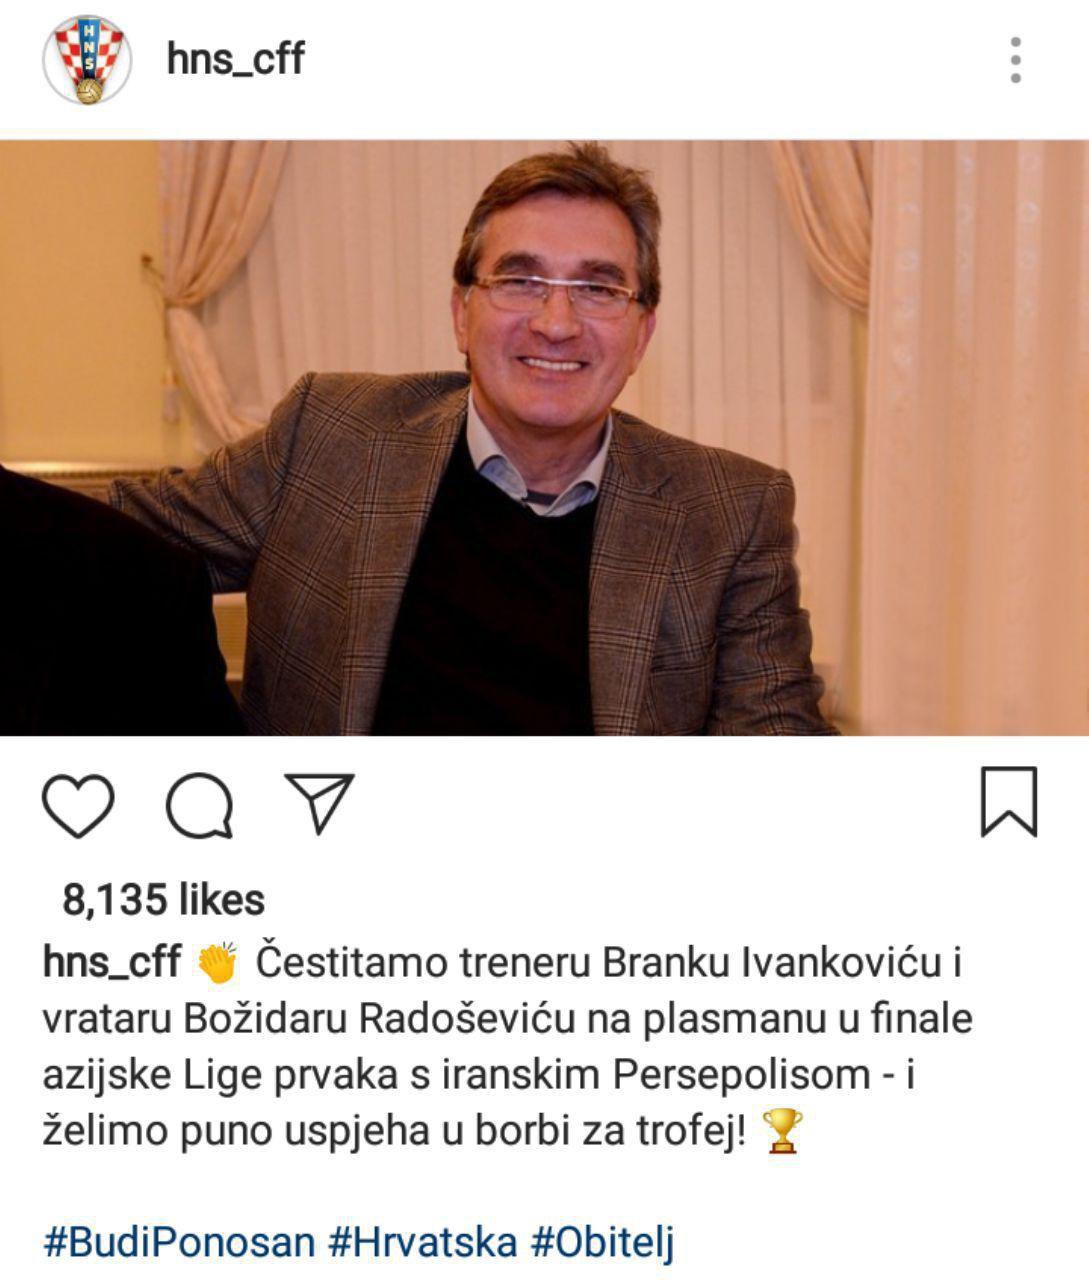 تبریک فدراسیون فوتبال کرواسی به برانکو